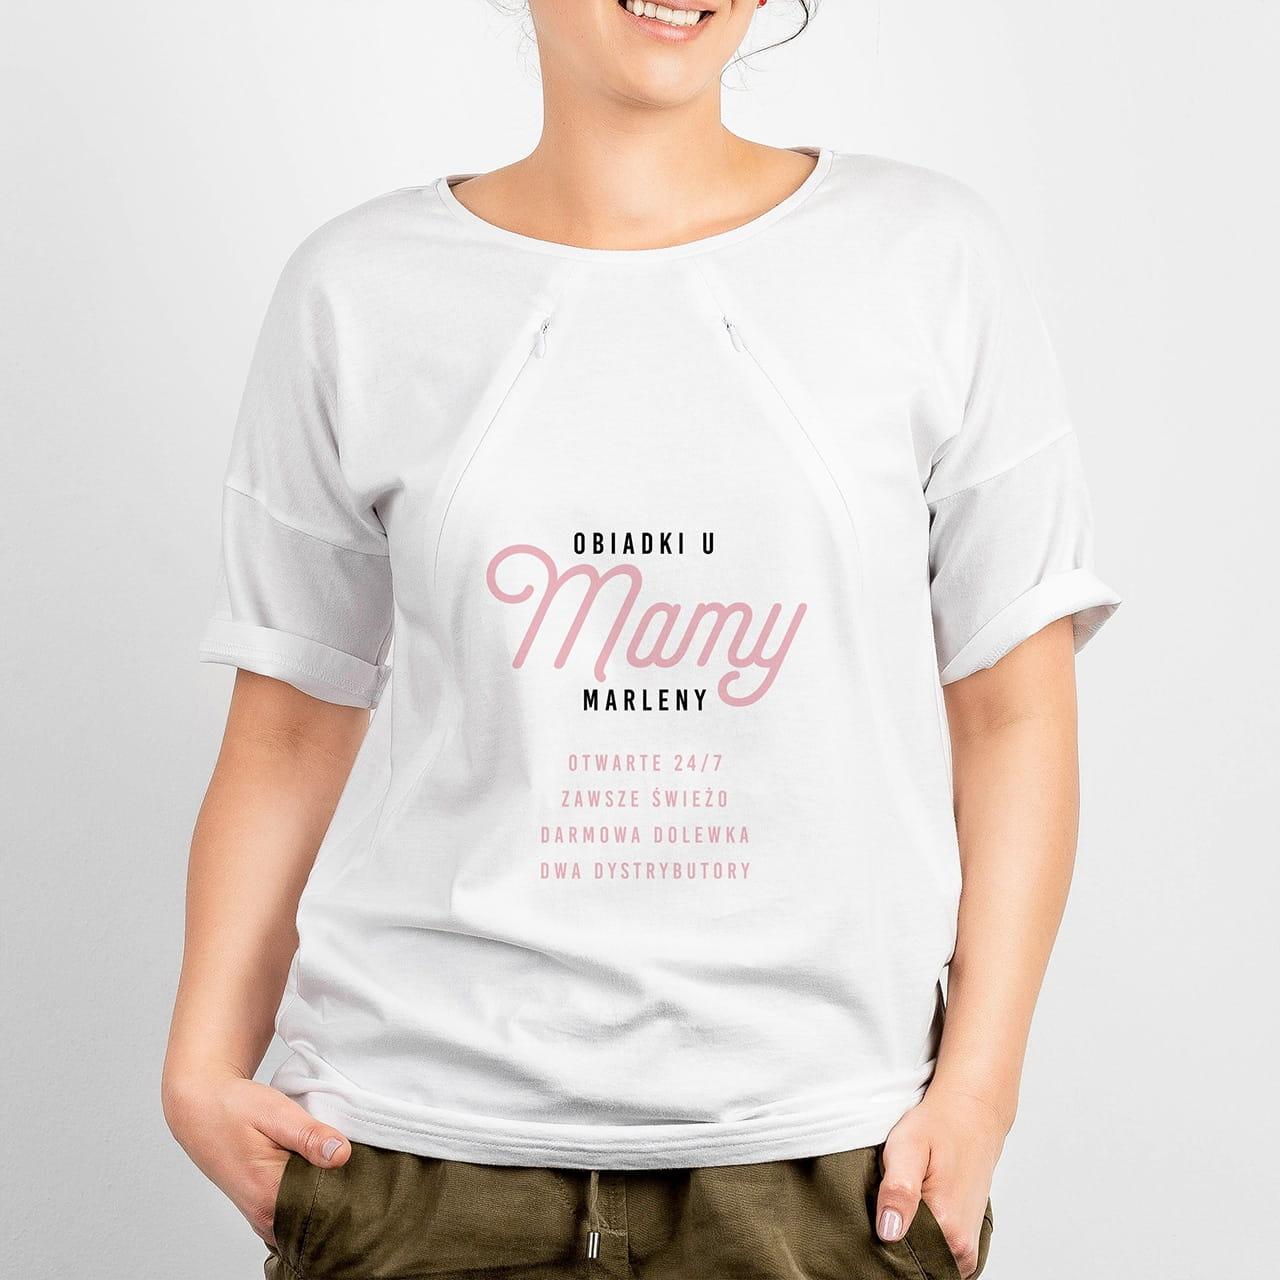 Koszulki z nadrukiem na Boże Narodzenie! Zrób bliskim  pbdw7